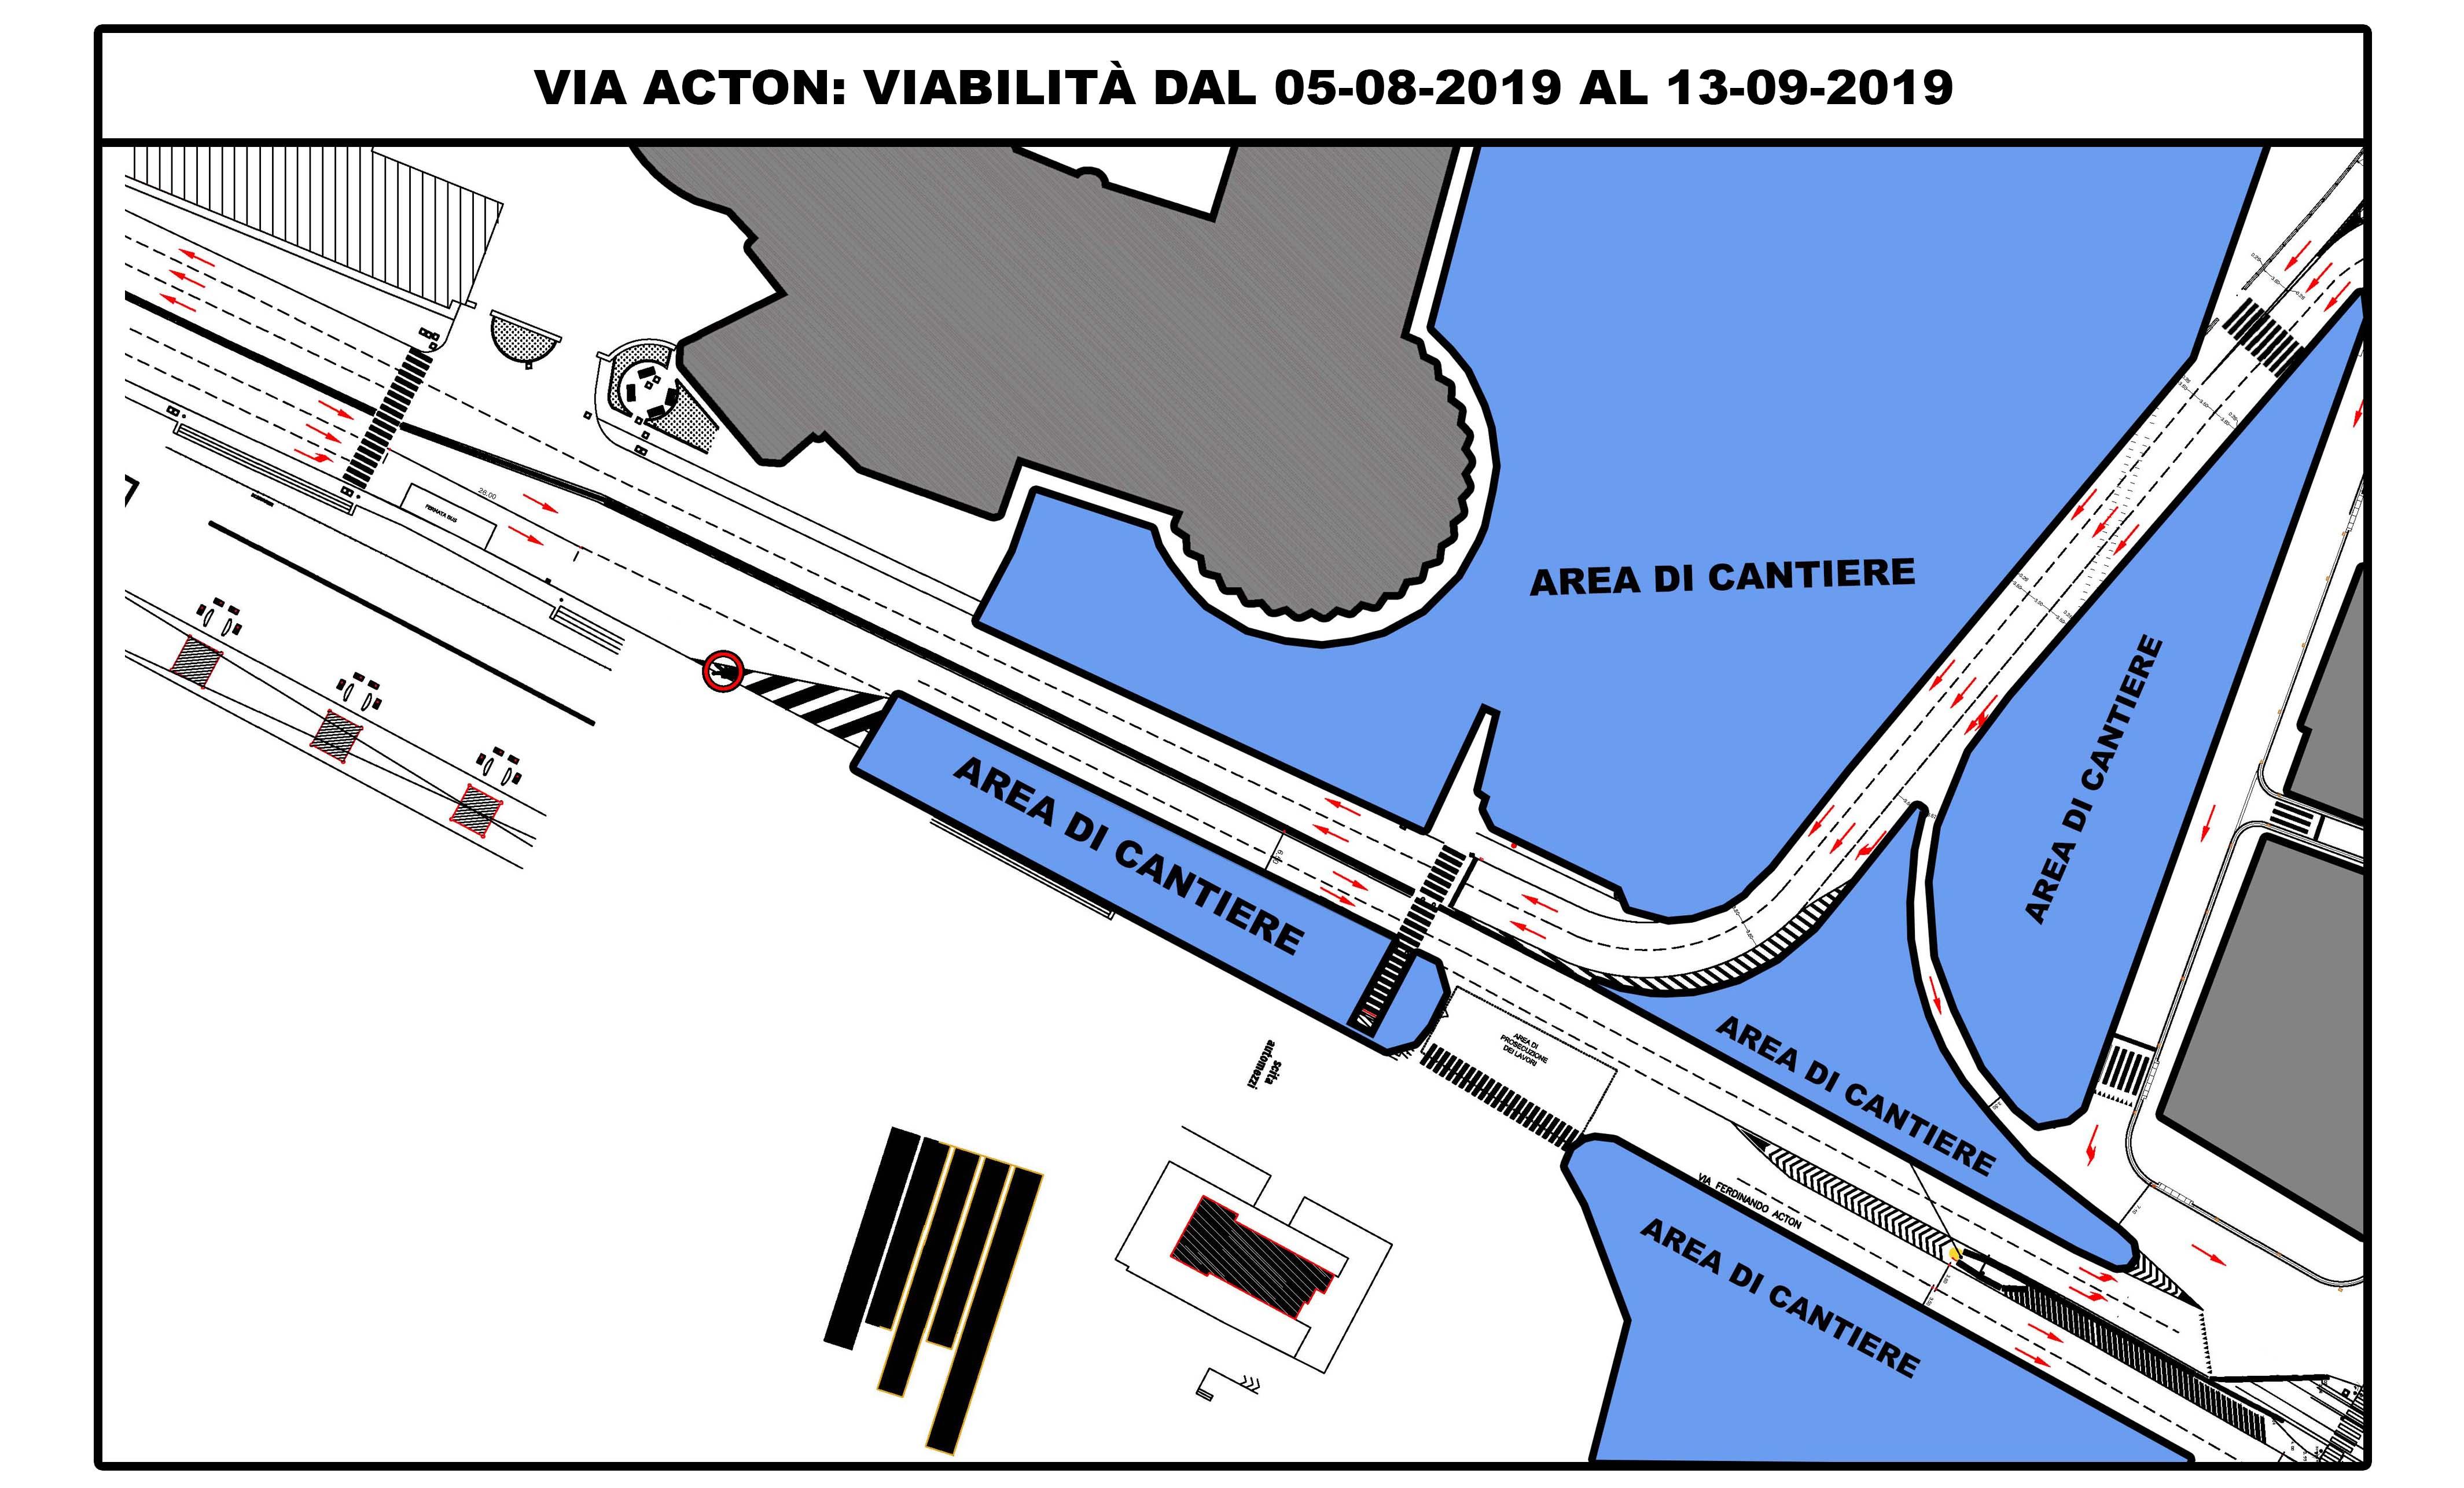 viabilità - via acton - stazione municipio